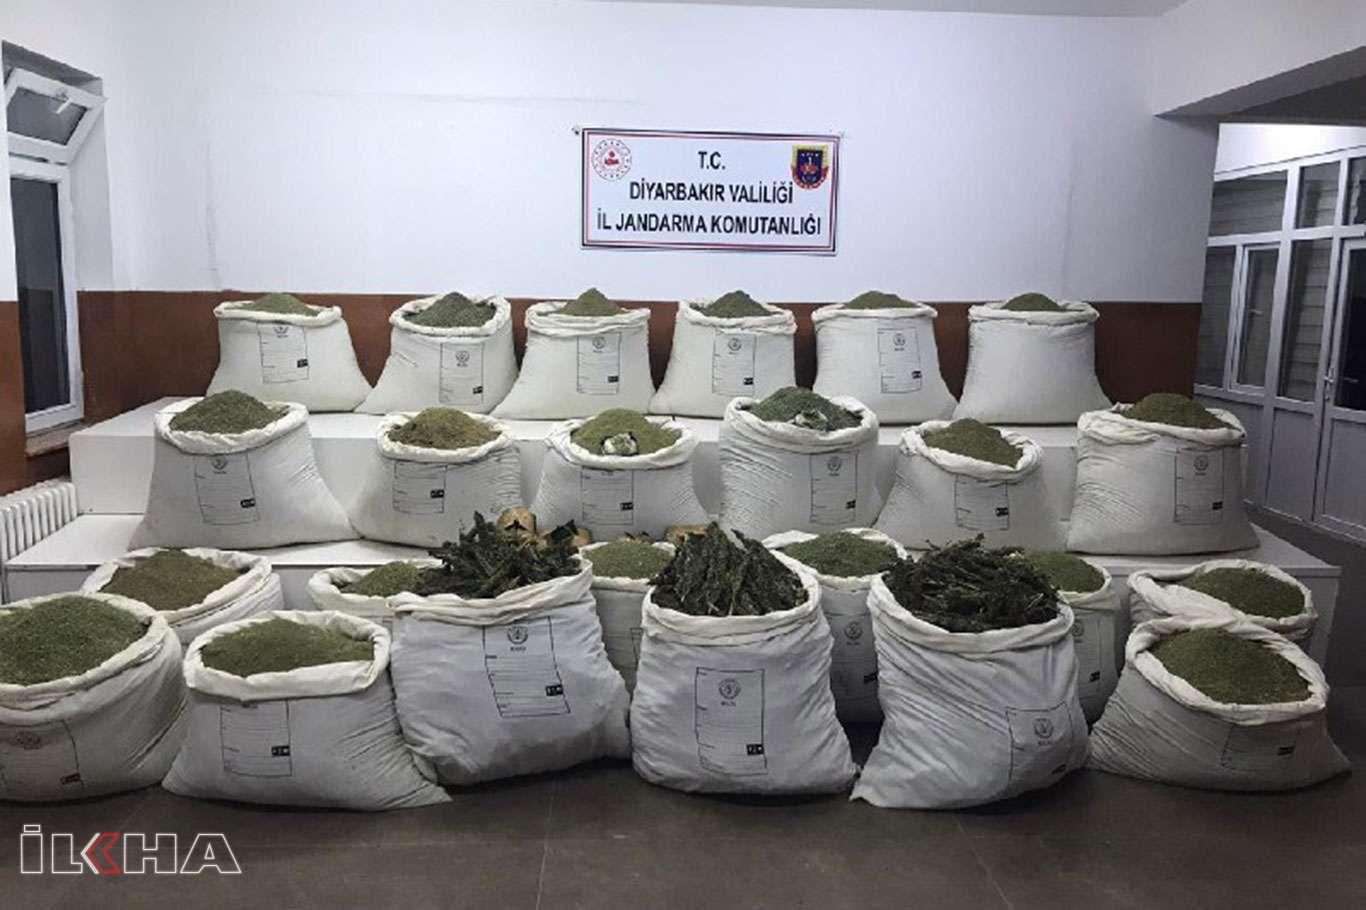 Diyarbakır'da 877 kilogram esrar ele geçirildi